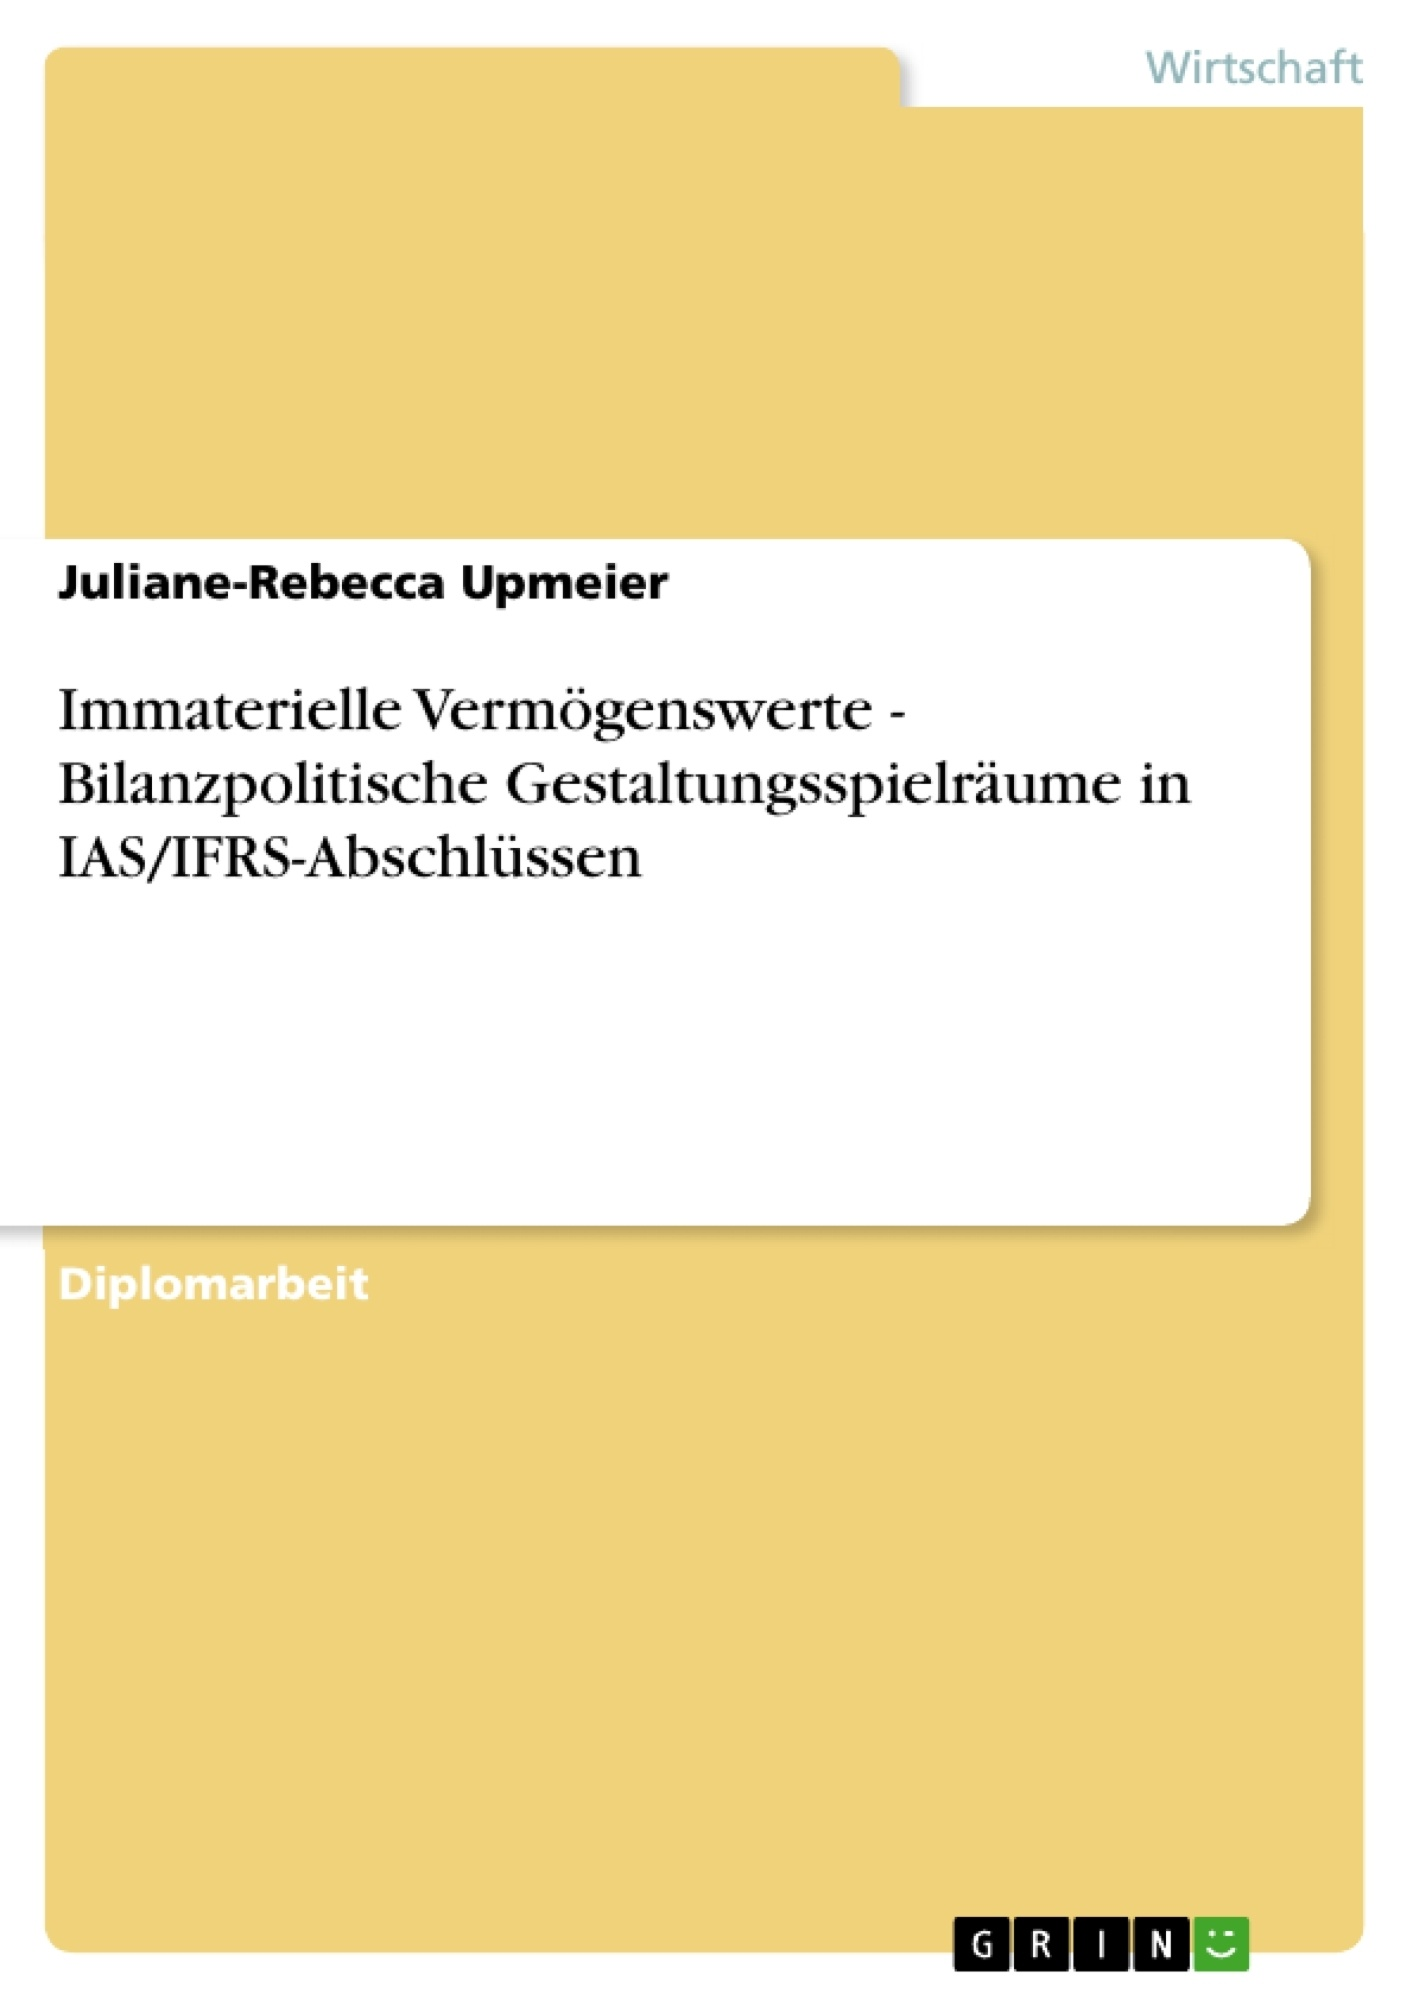 Titel: Immaterielle Vermögenswerte - Bilanzpolitische Gestaltungsspielräume in IAS/IFRS-Abschlüssen